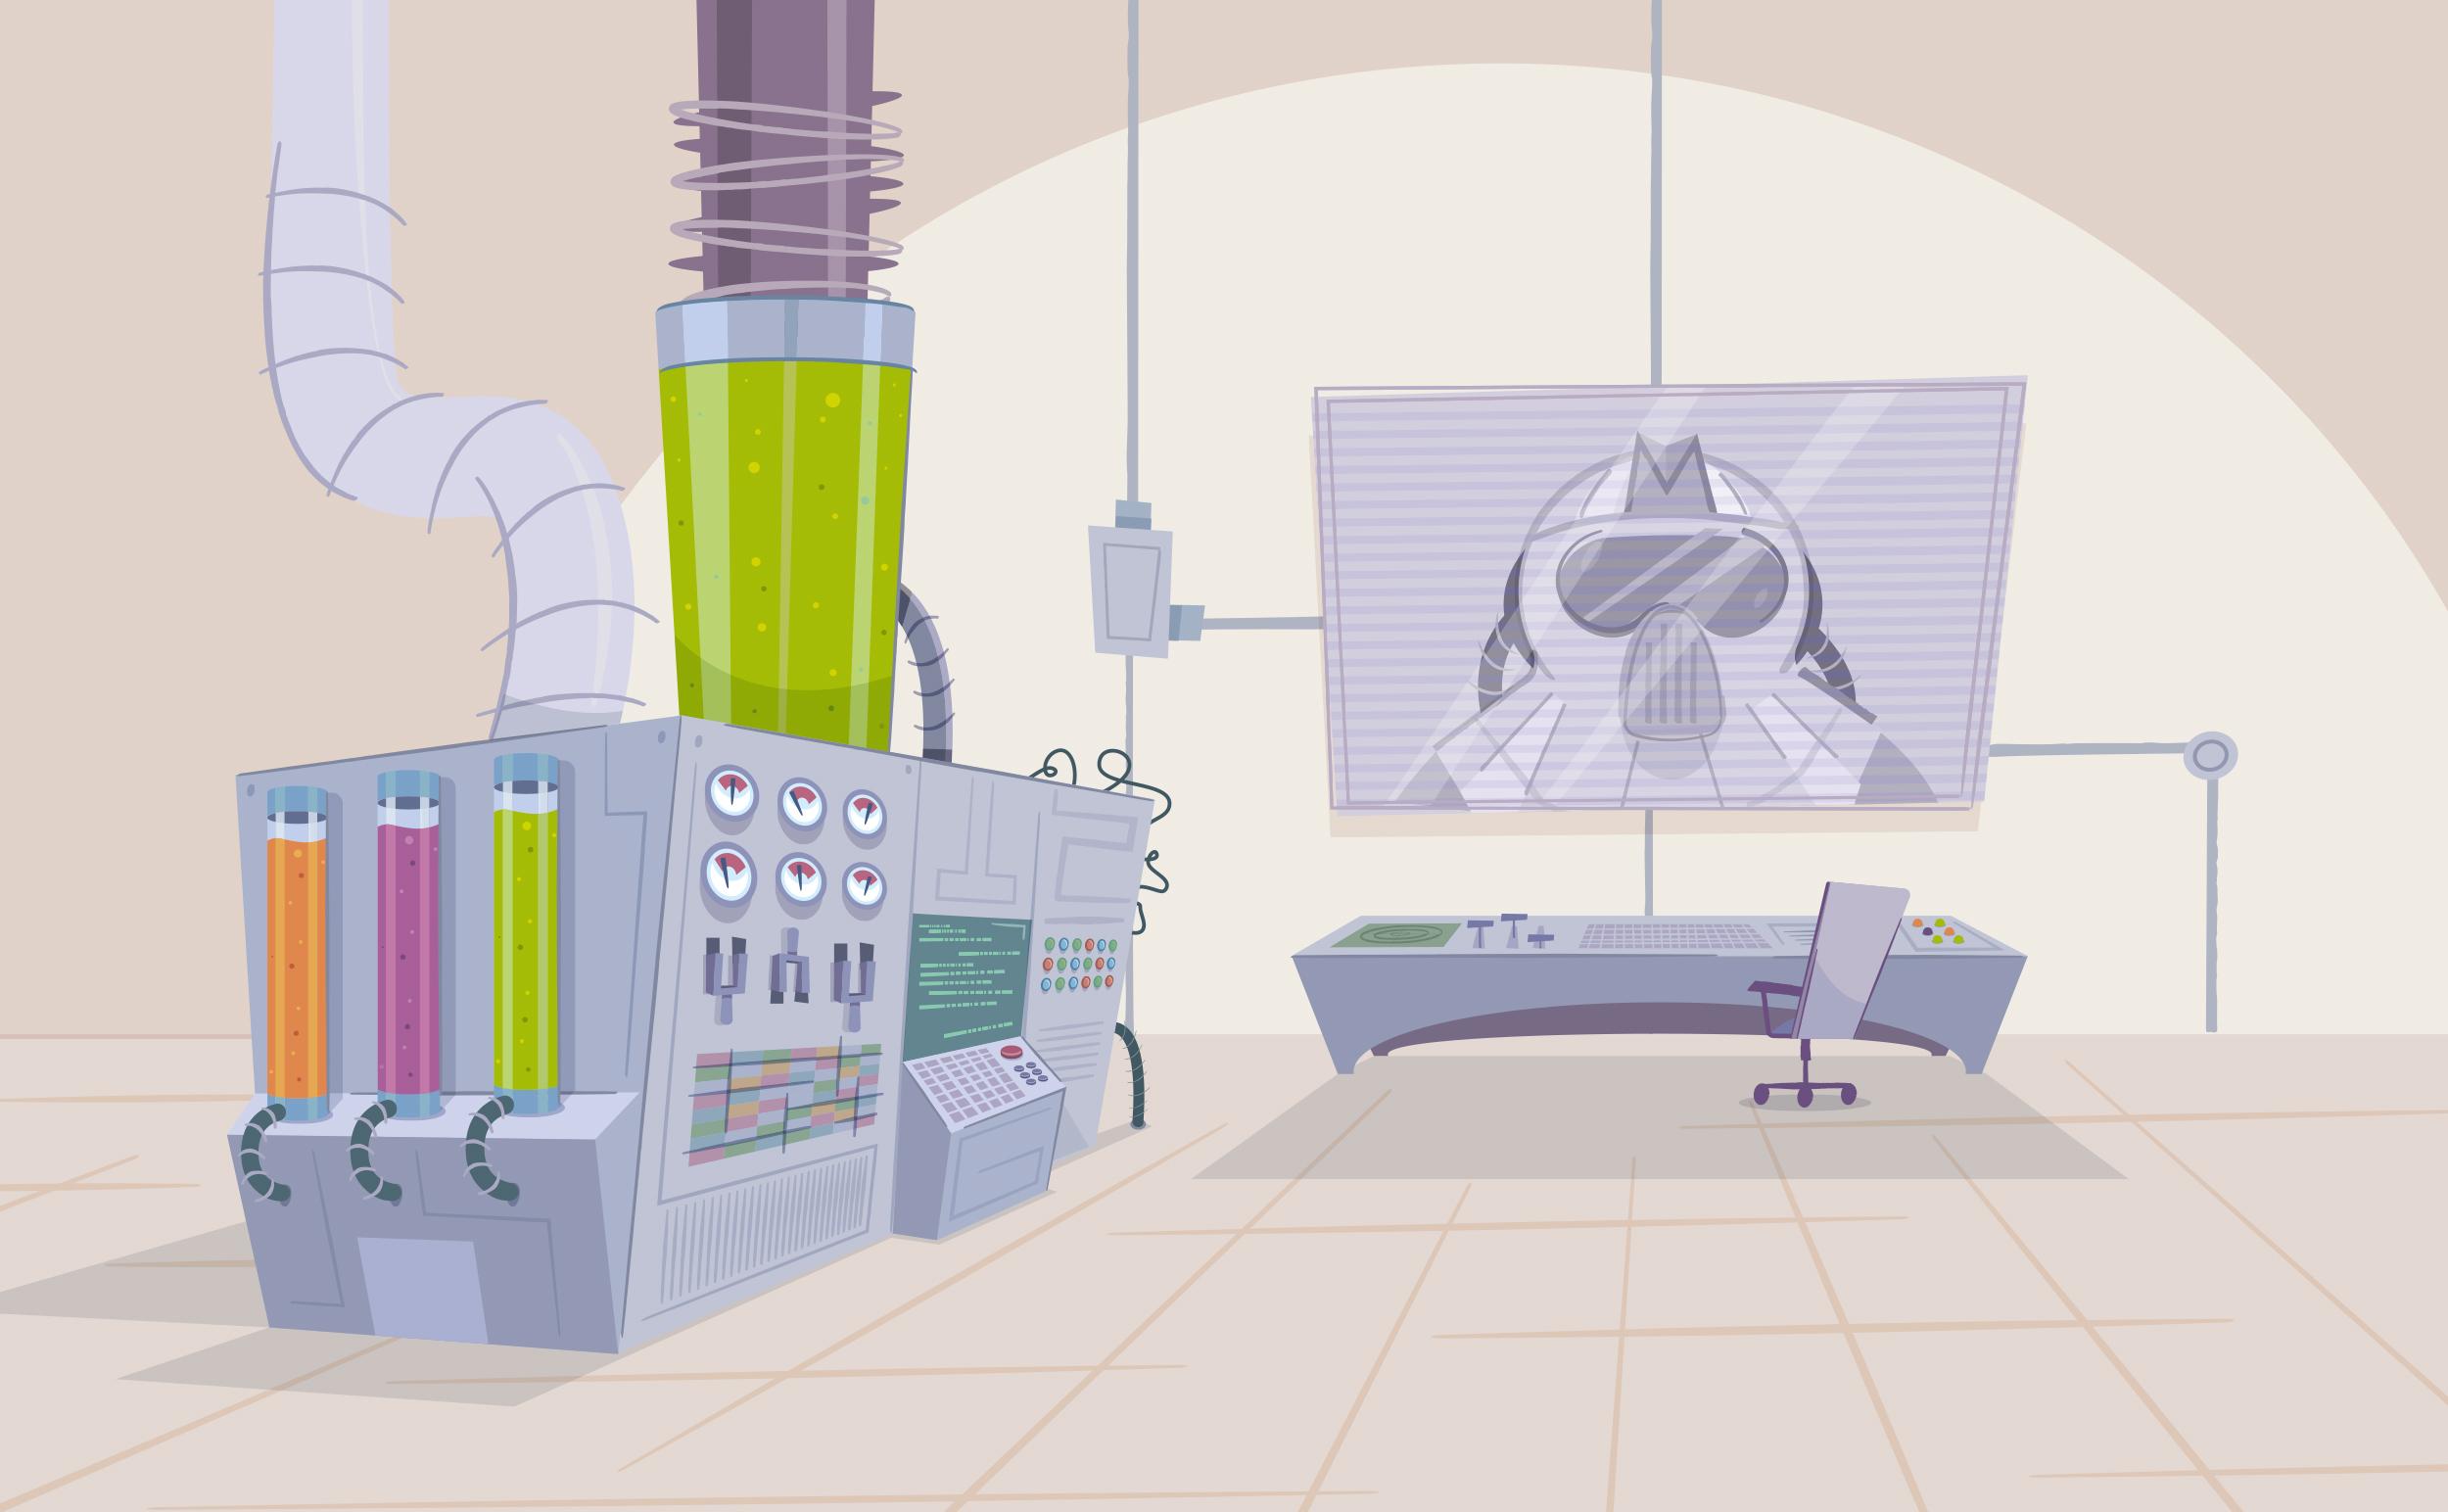 Dr-Mimicrys-lab